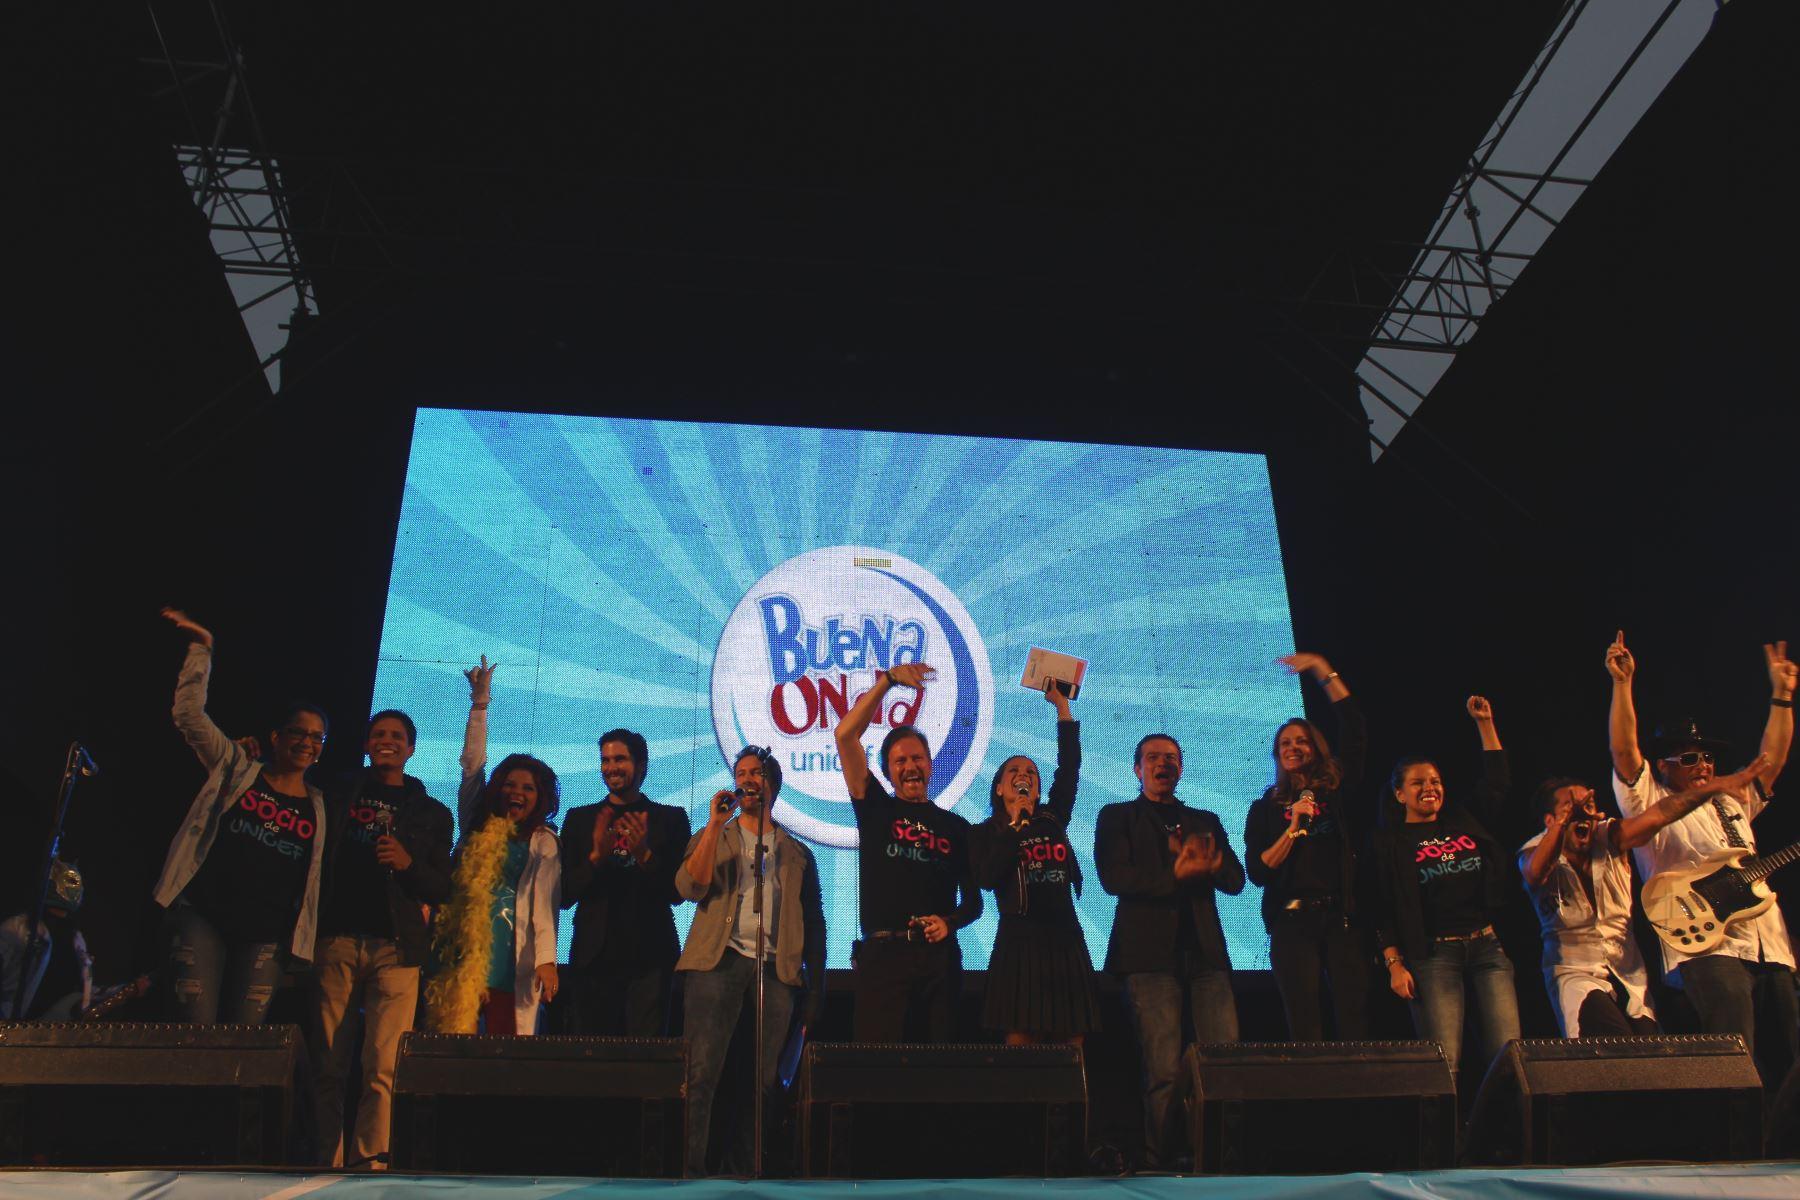 Clausura de campaña Buena Onda 2014 de Unicef.